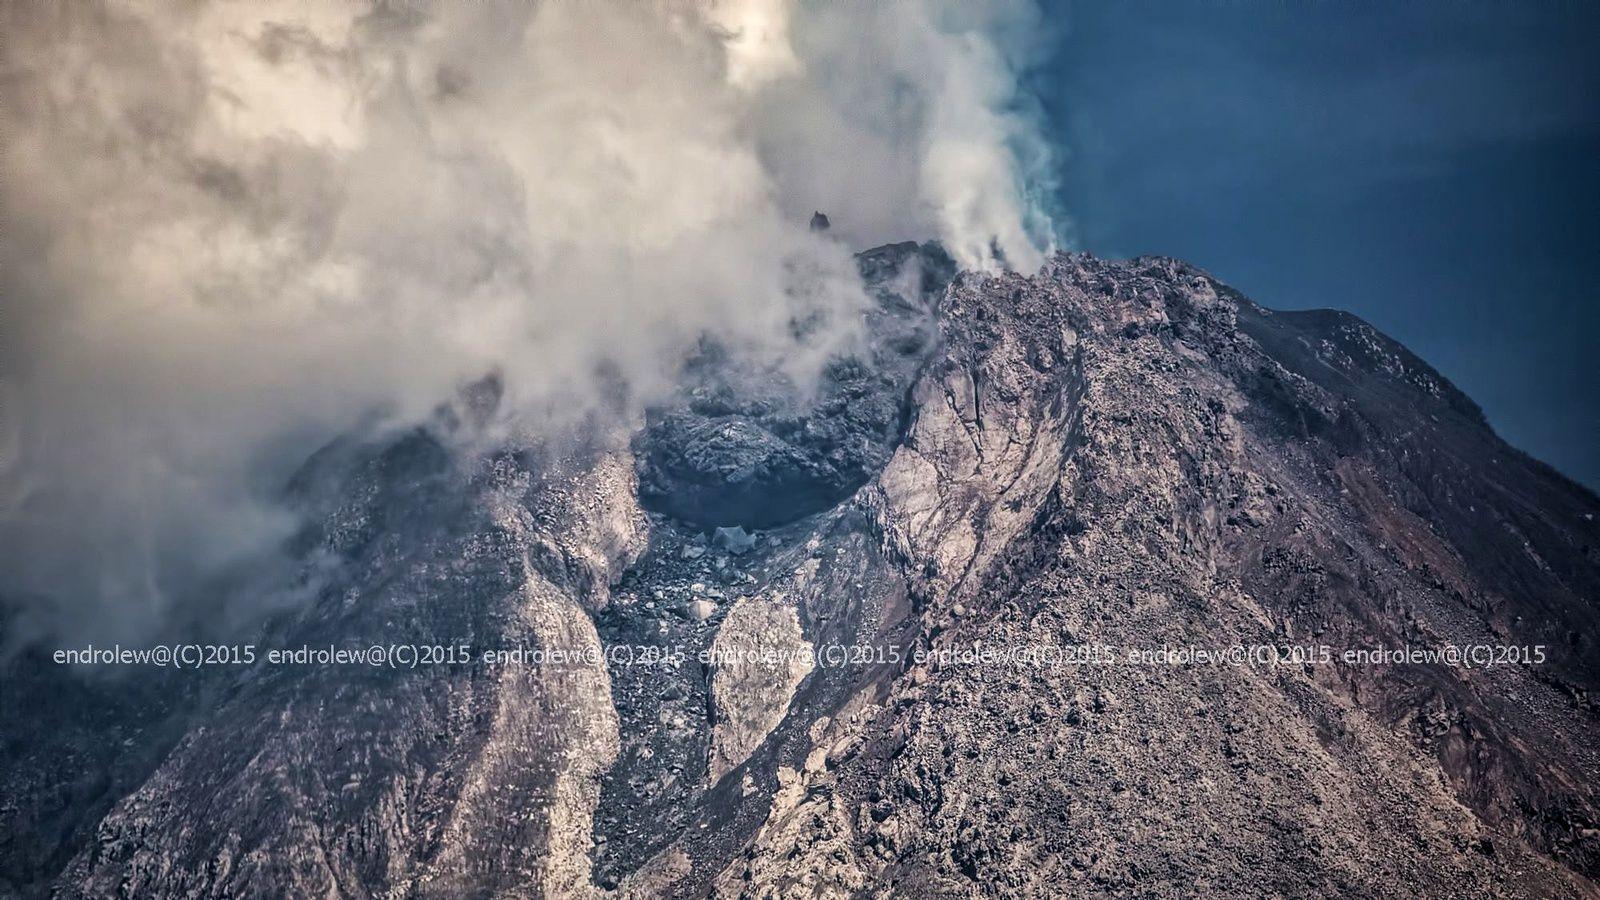 Le nouveau dôme du Sinabung le 24 mars 2015 / 10h02 - photo endrolew@